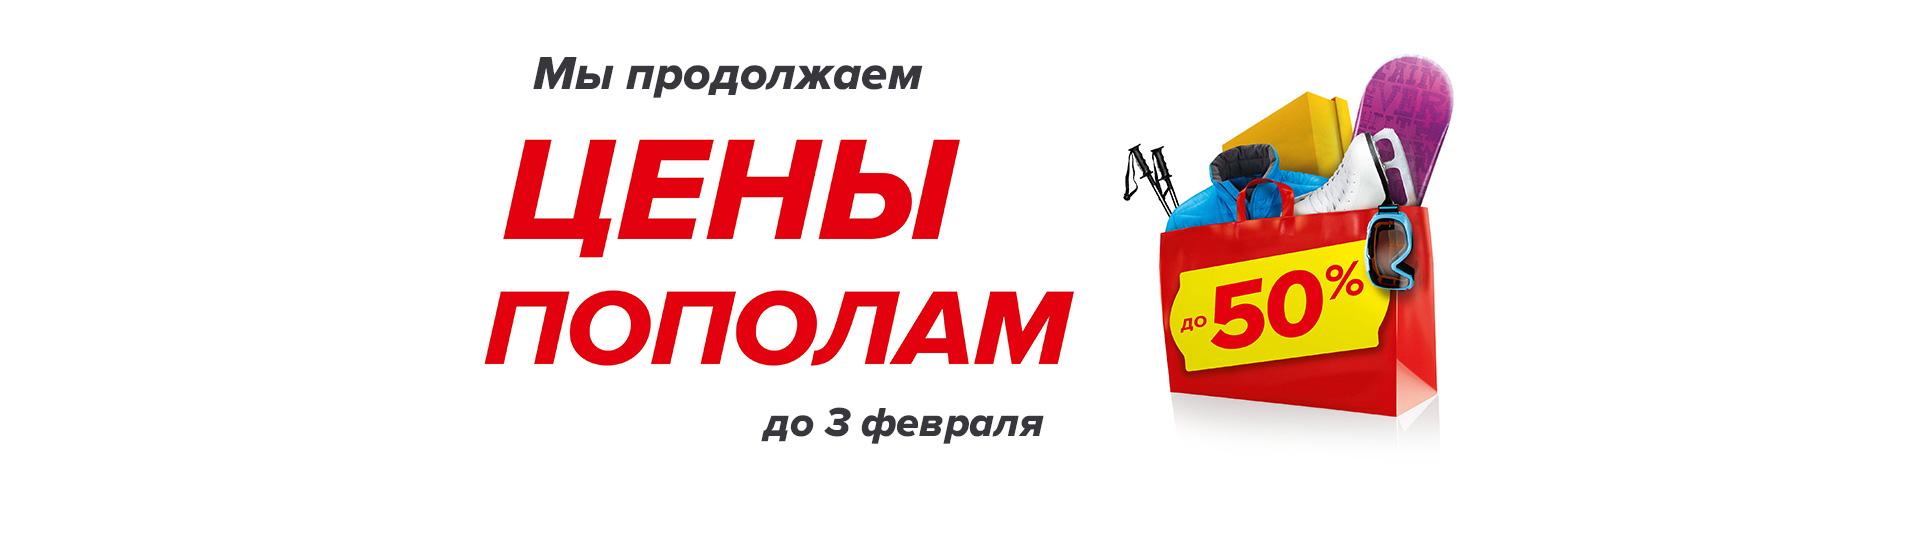 Спортмастер - сеть спортивных магазинов. 535073eeac3